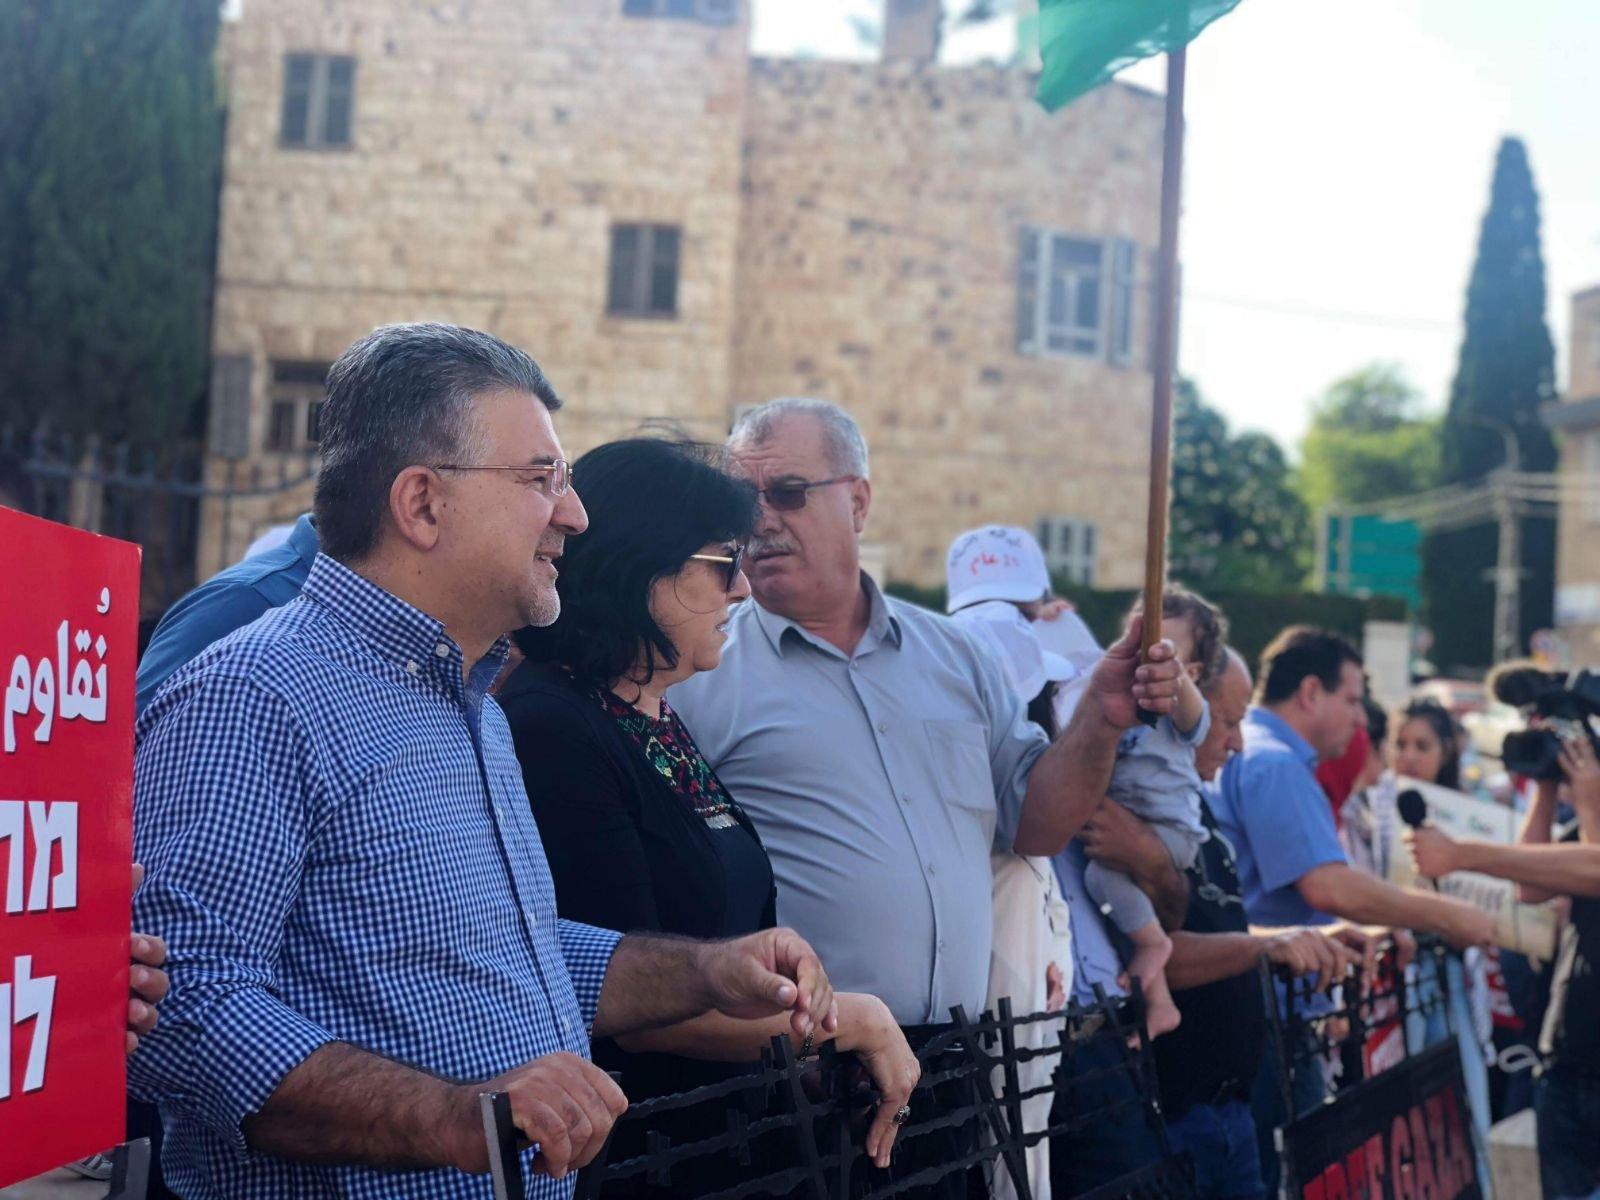 حيفا: انطلاق المظاهرة الأولى في حيفا بمشاركة العشرات